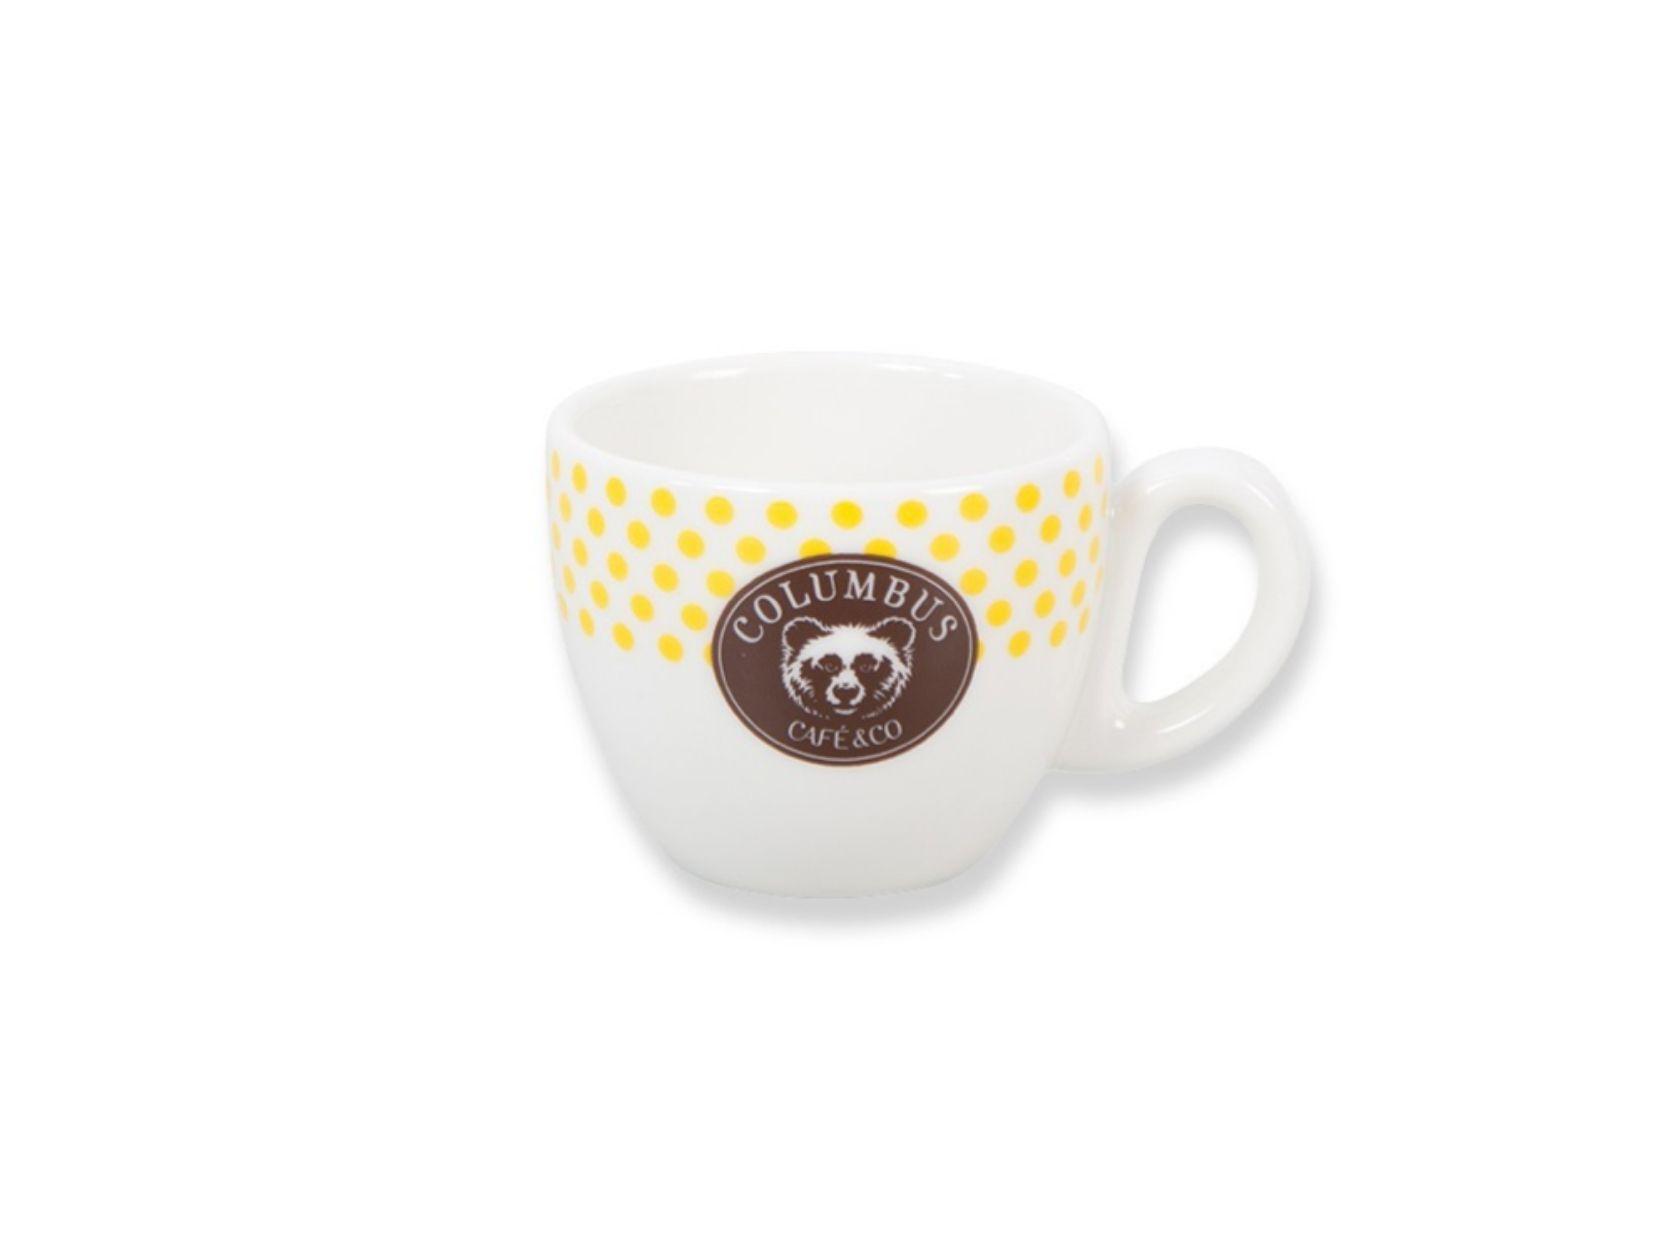 Tasse à café Columbus – 8cl.